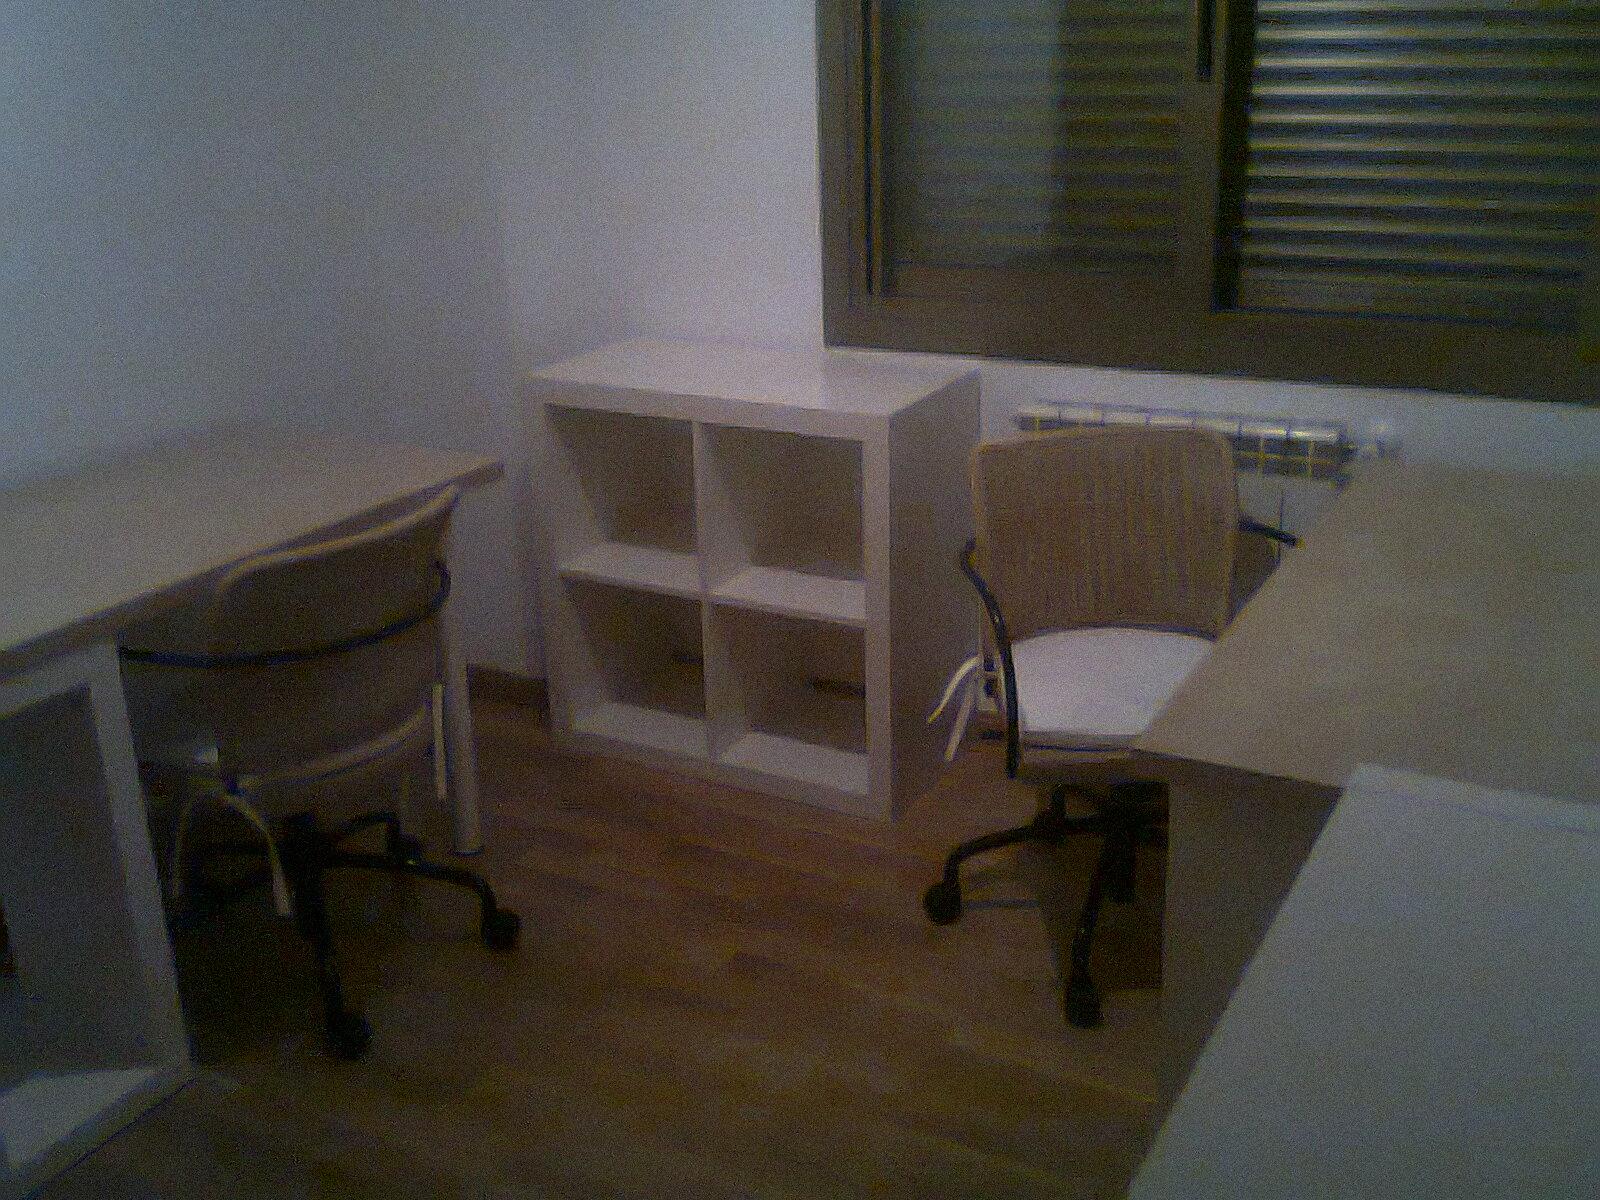 Vendemos nuestras cosas mesa escritorio ikea 30 for Mesa escritorio ikea